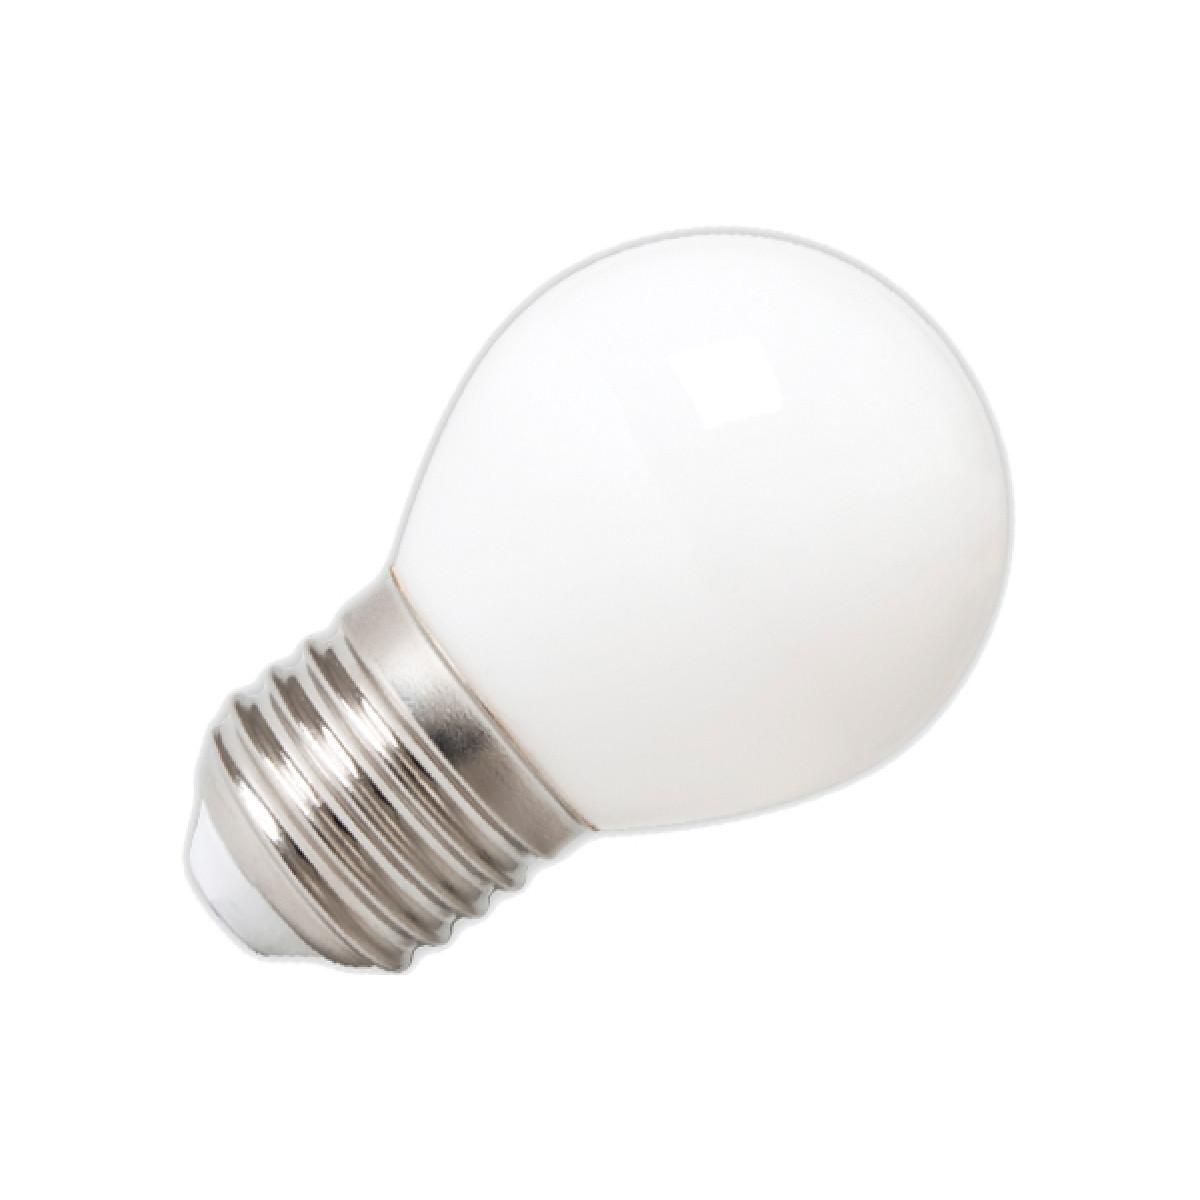 E27 LED klein opaal - 3.5 Watt 350 Lumen